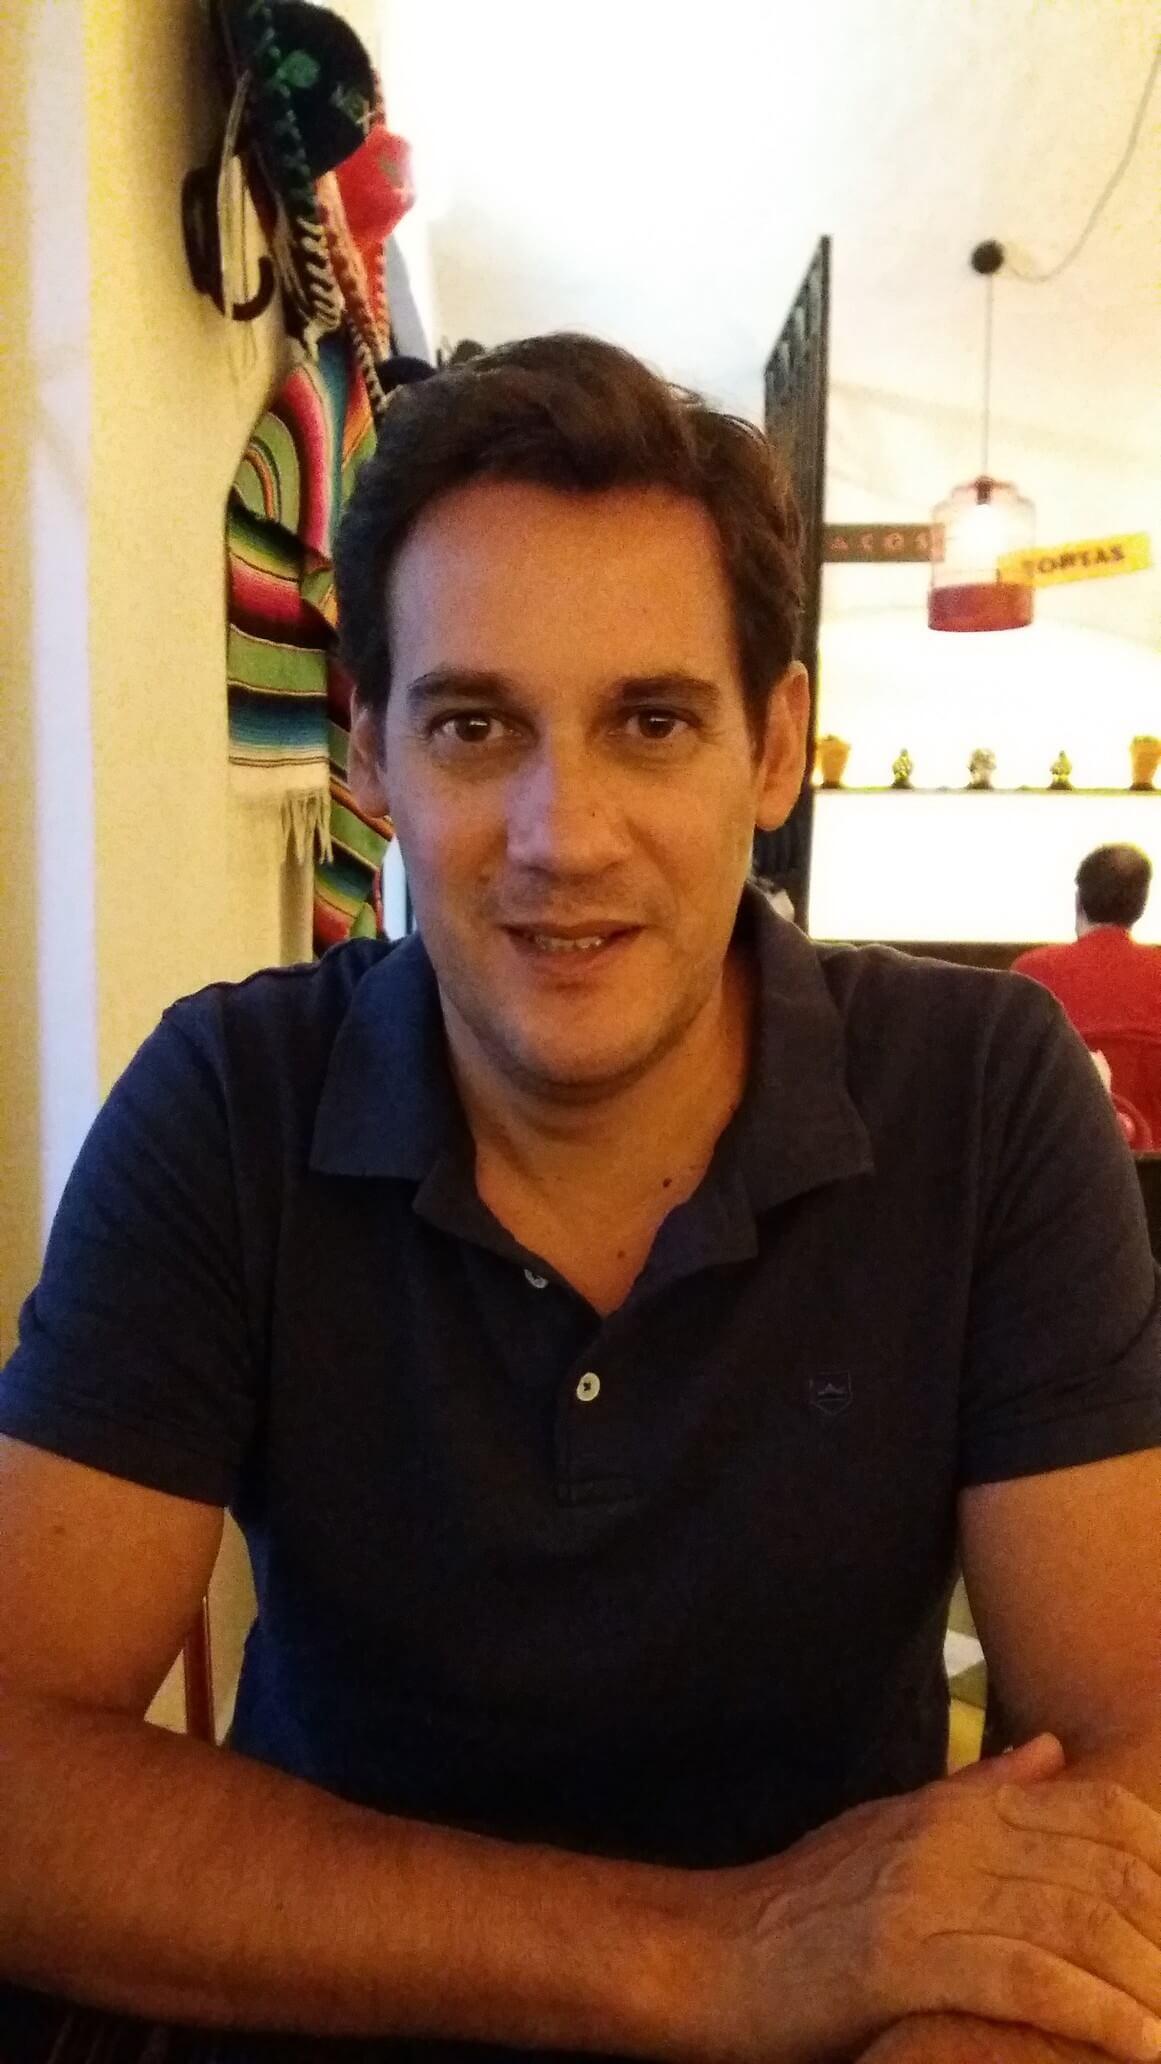 José Lampreia